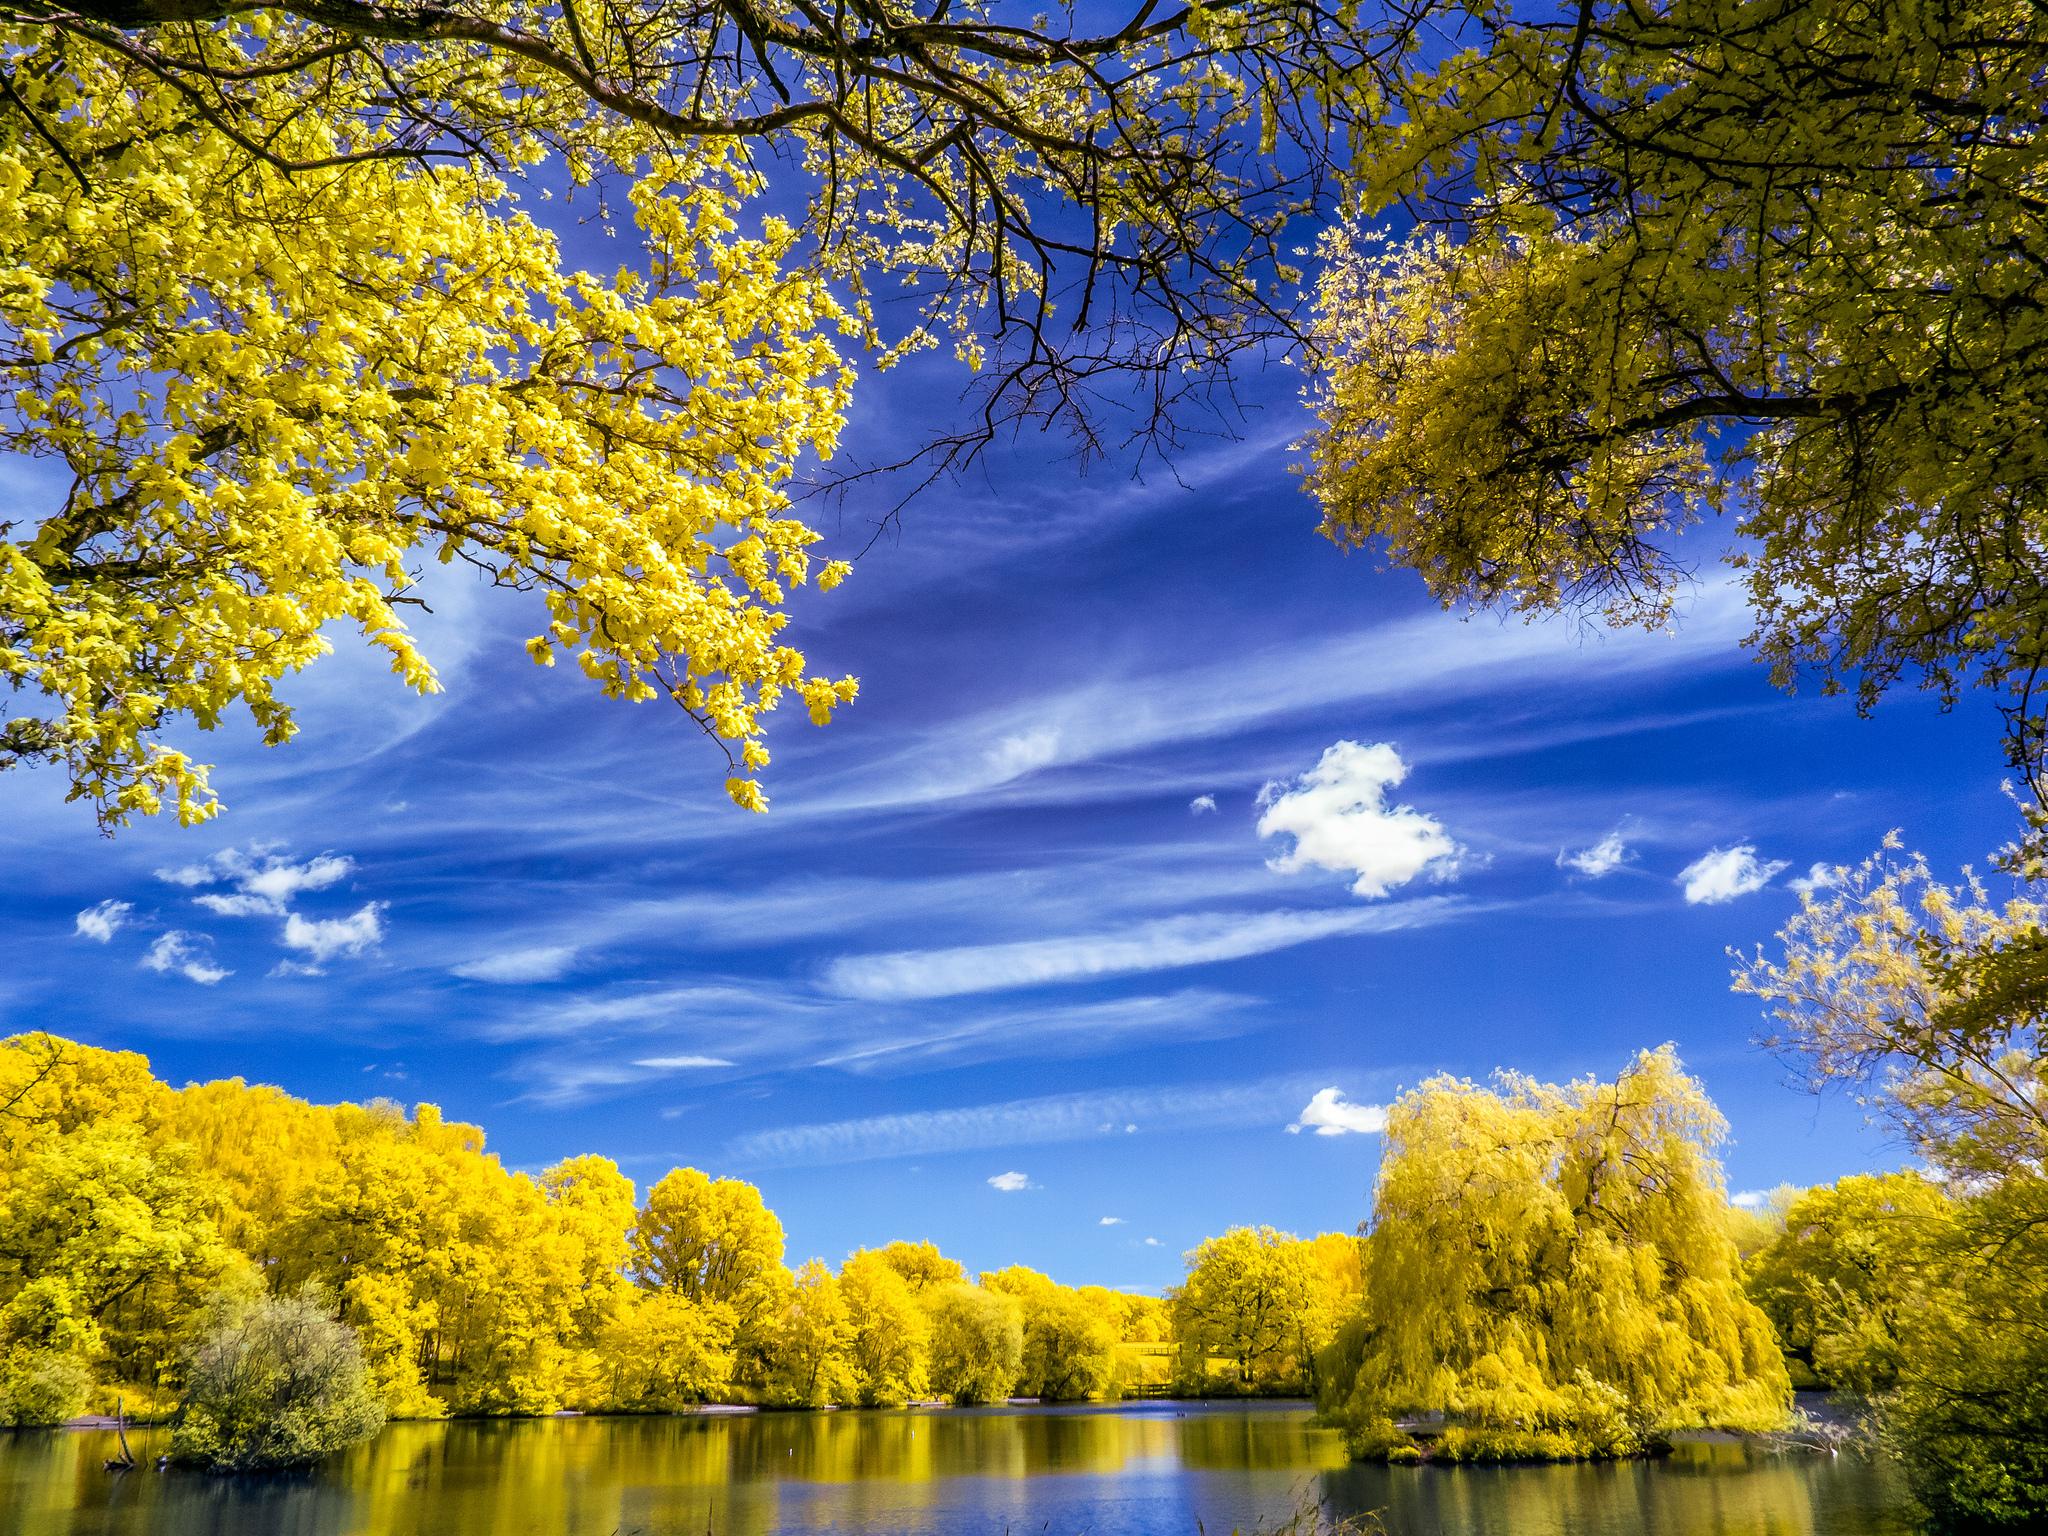 осень озеро природа облака деревья  № 2491524  скачать